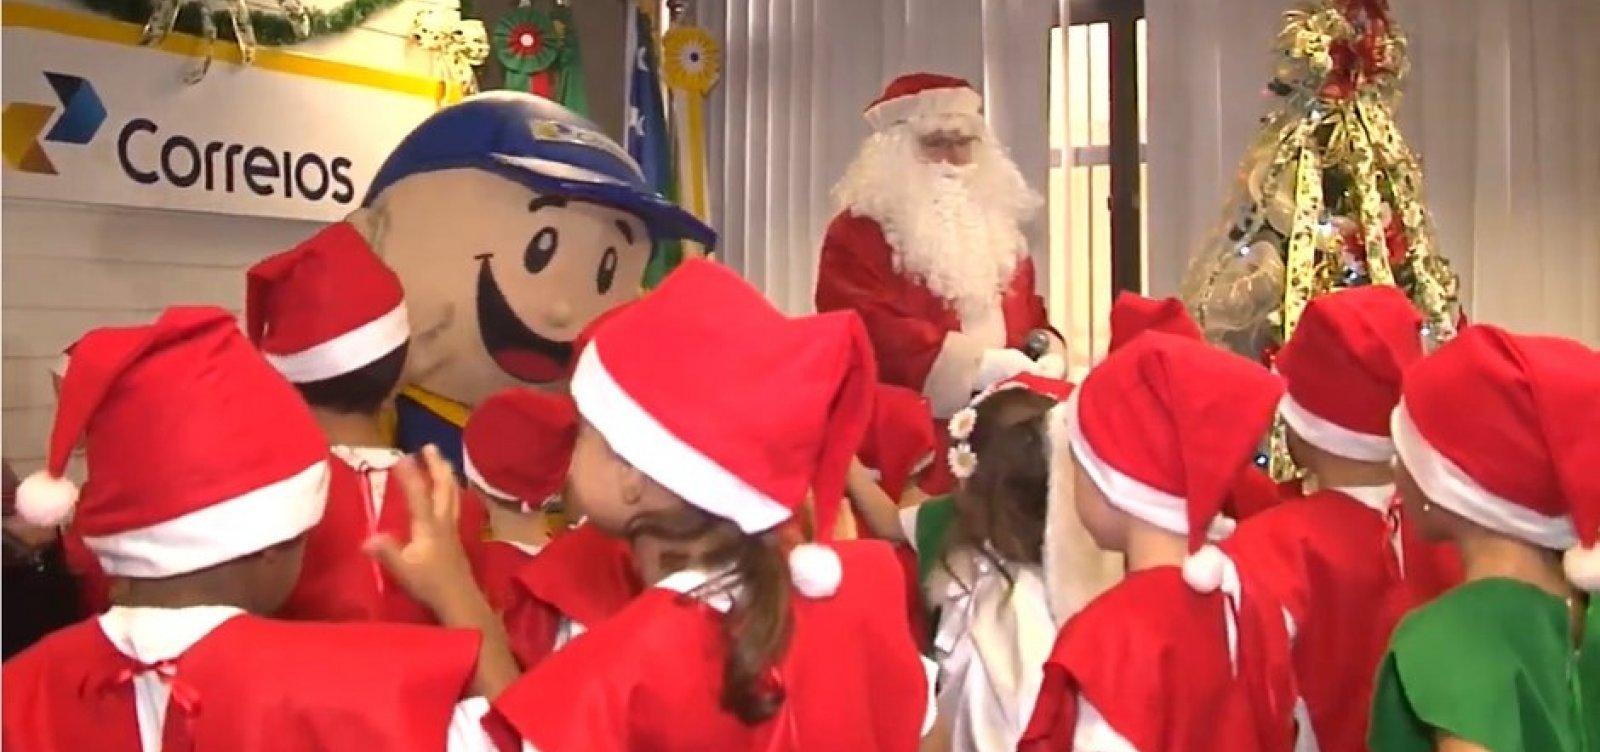 Adoções online do Papai Noel dos Correios estão disponíveis